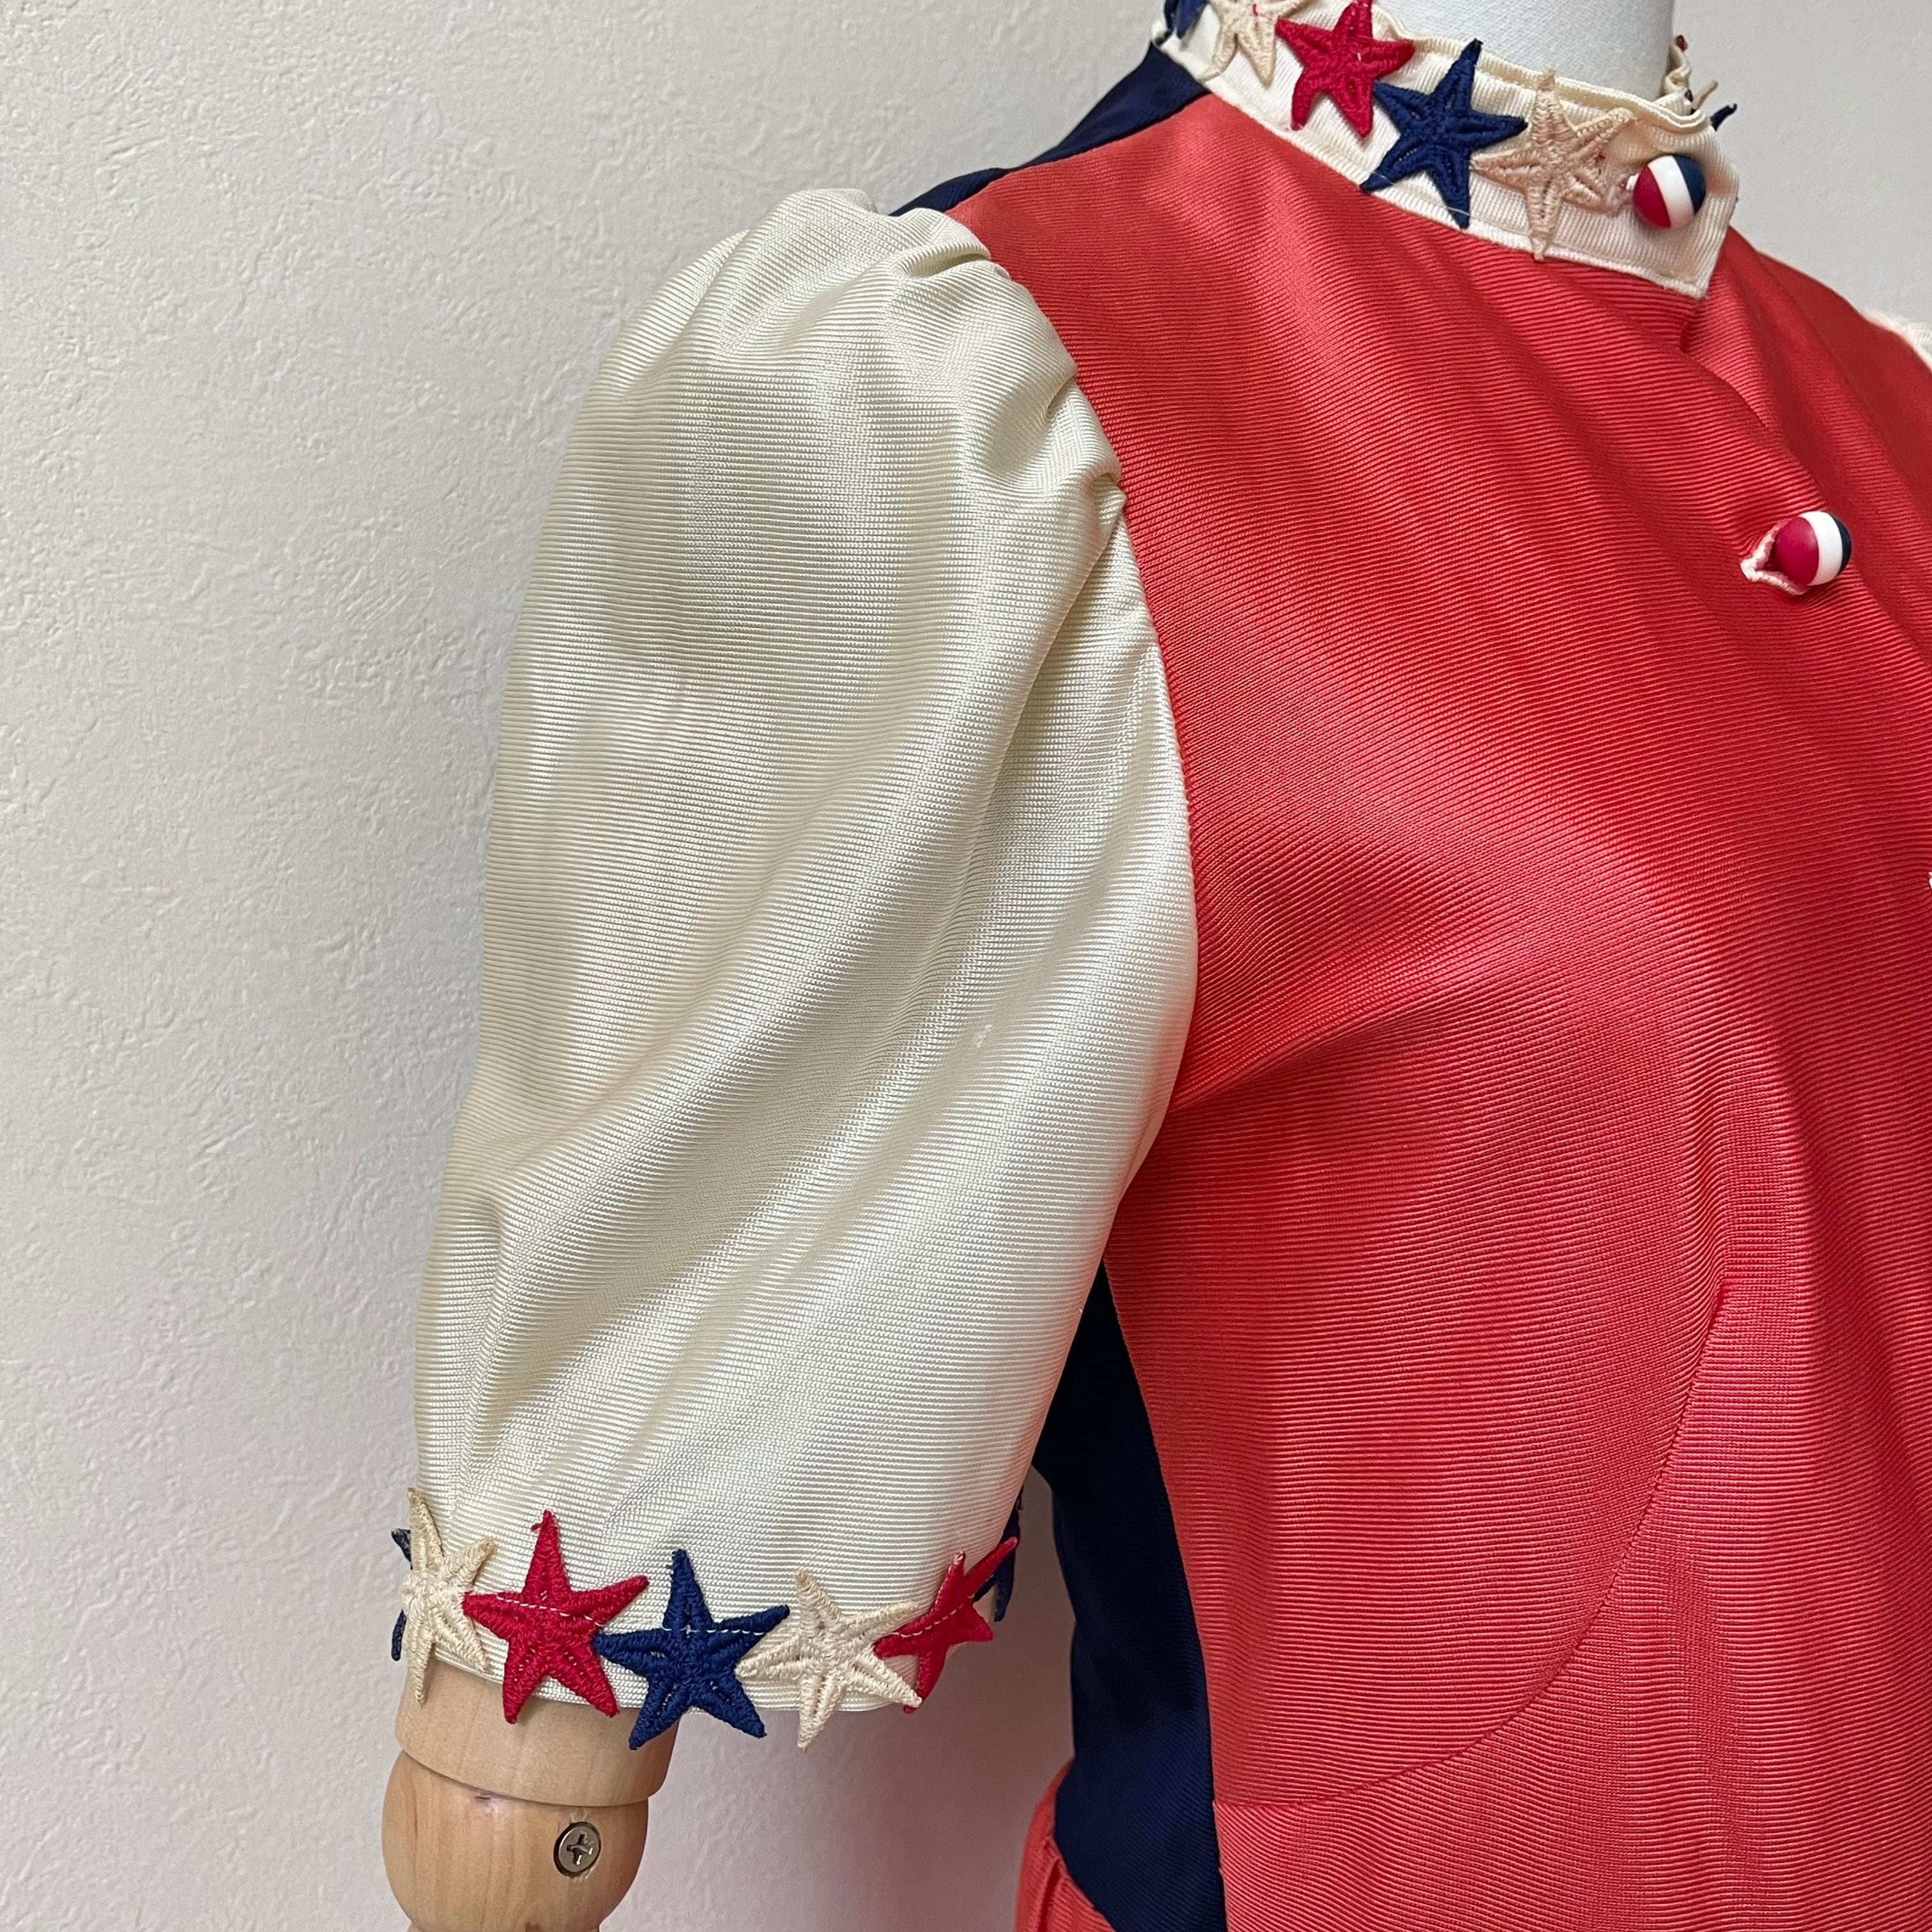 70年代 USA製 ヴィンテージ 星柄ワッペン トリコロール  半袖ブラウス レディース古着